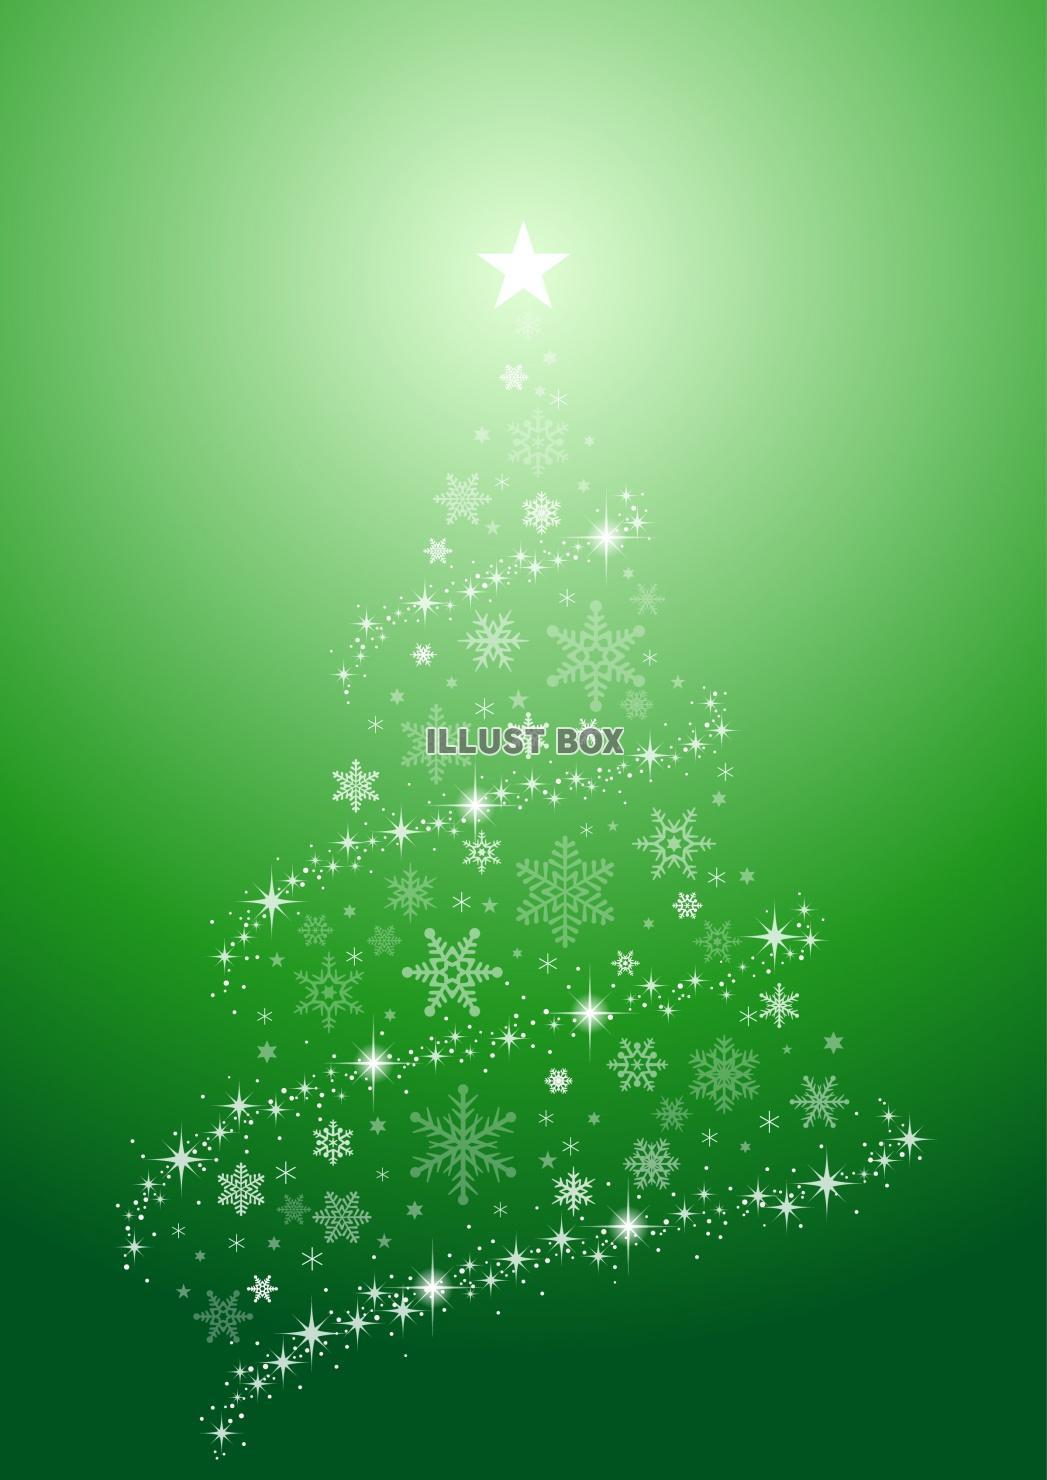 無料イラスト 【eps,jpeg】クリスマス用素材第183弾